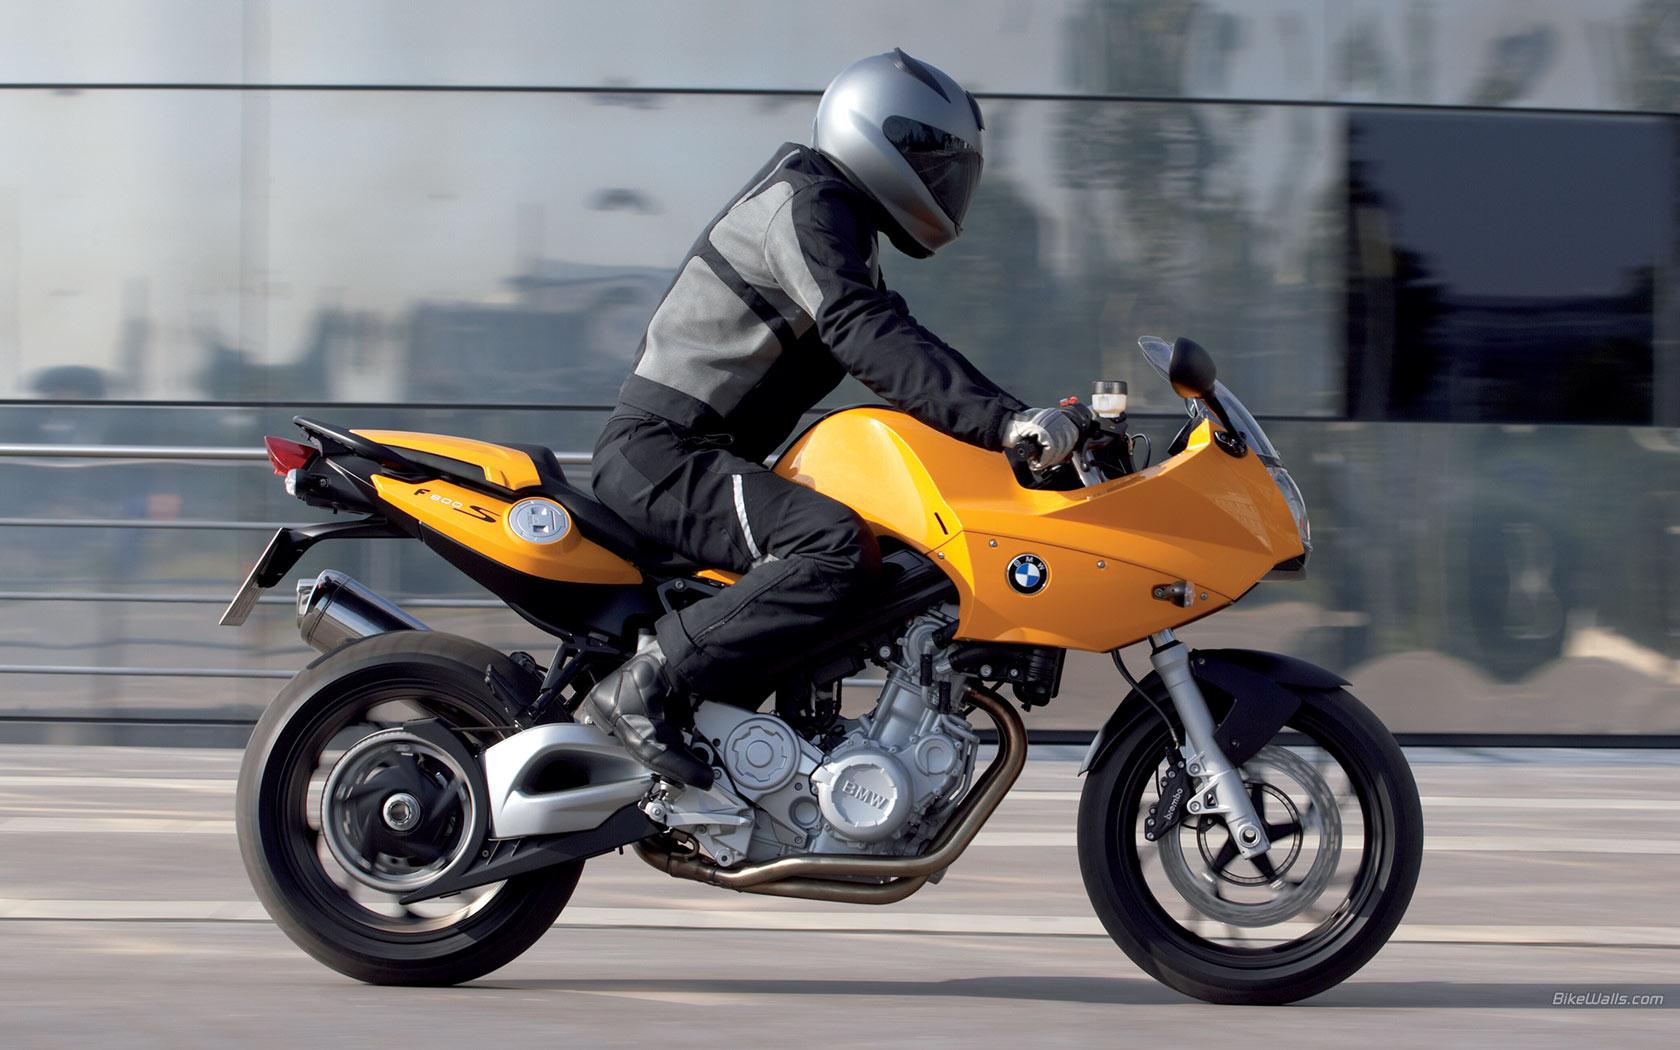 BMW_F_800_S_2006_02_1680x1050.jpg